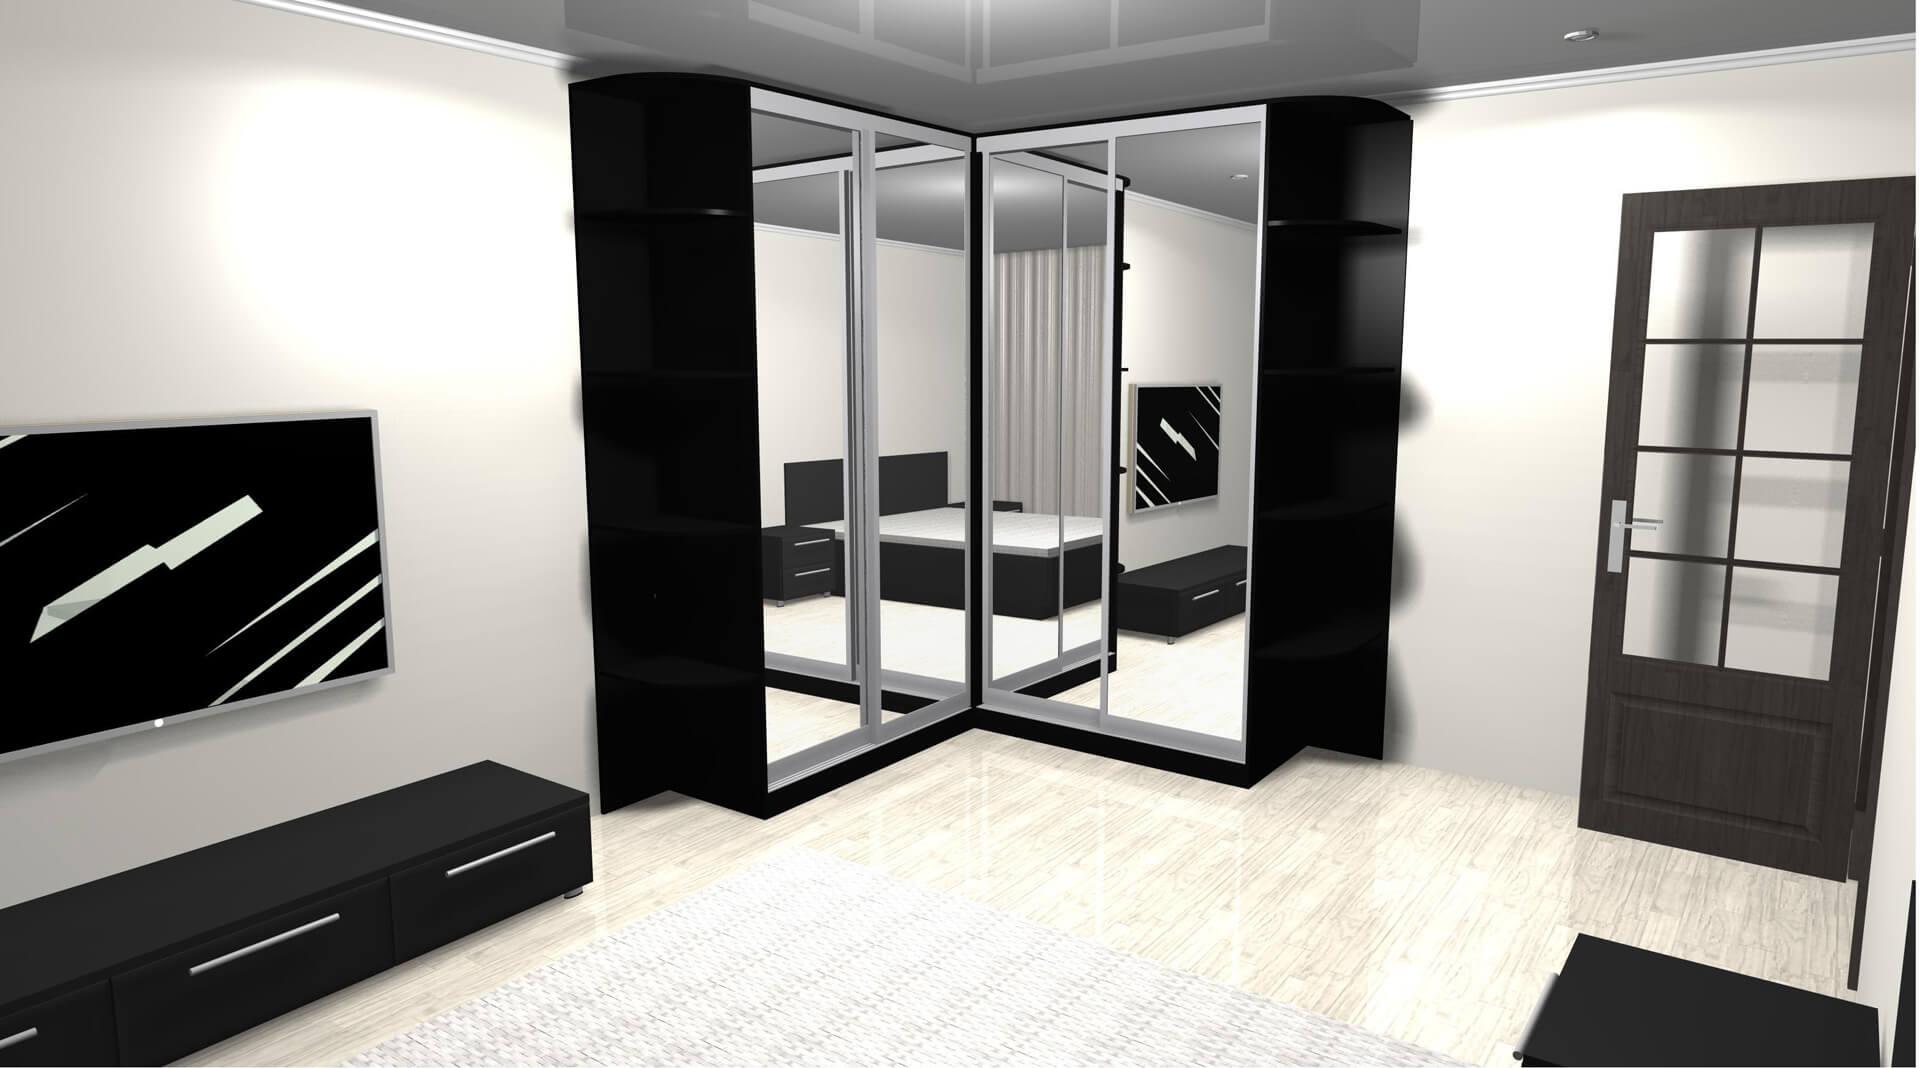 Szafa narożna z lustrami na drzwiach przesuwnych w pokoju